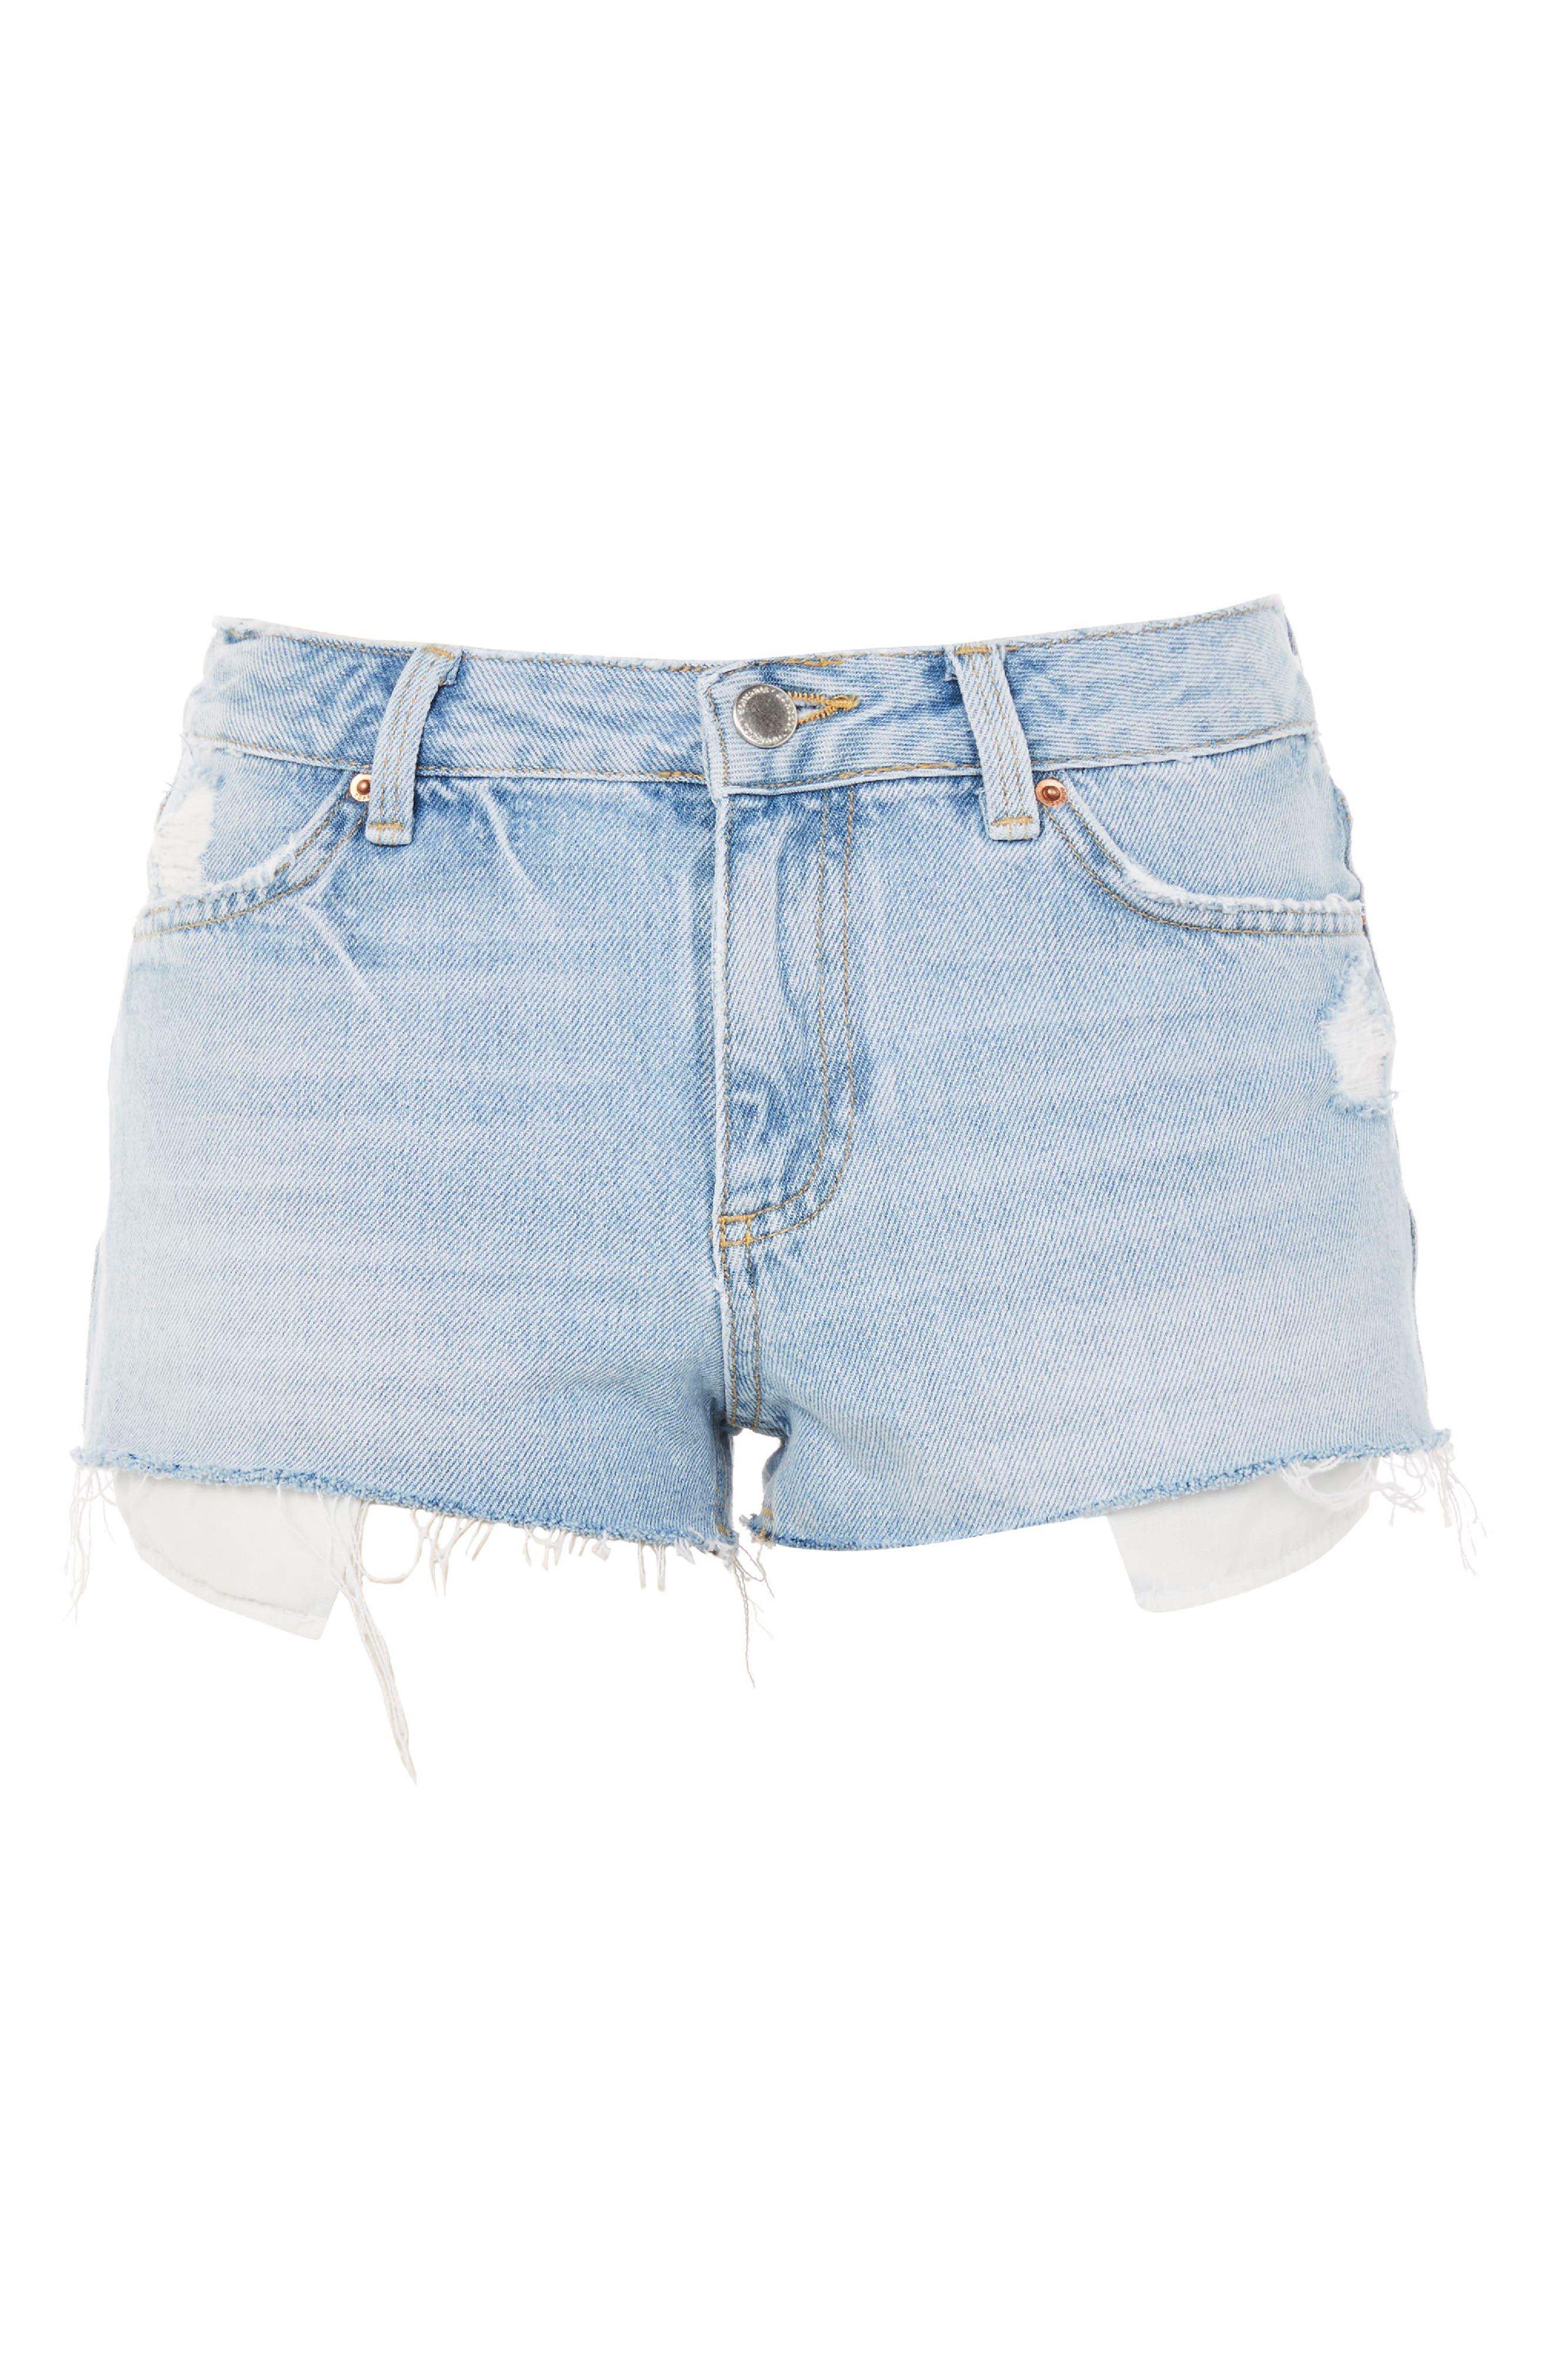 Cory Light Denim Shorts,                             Alternate thumbnail 3, color,